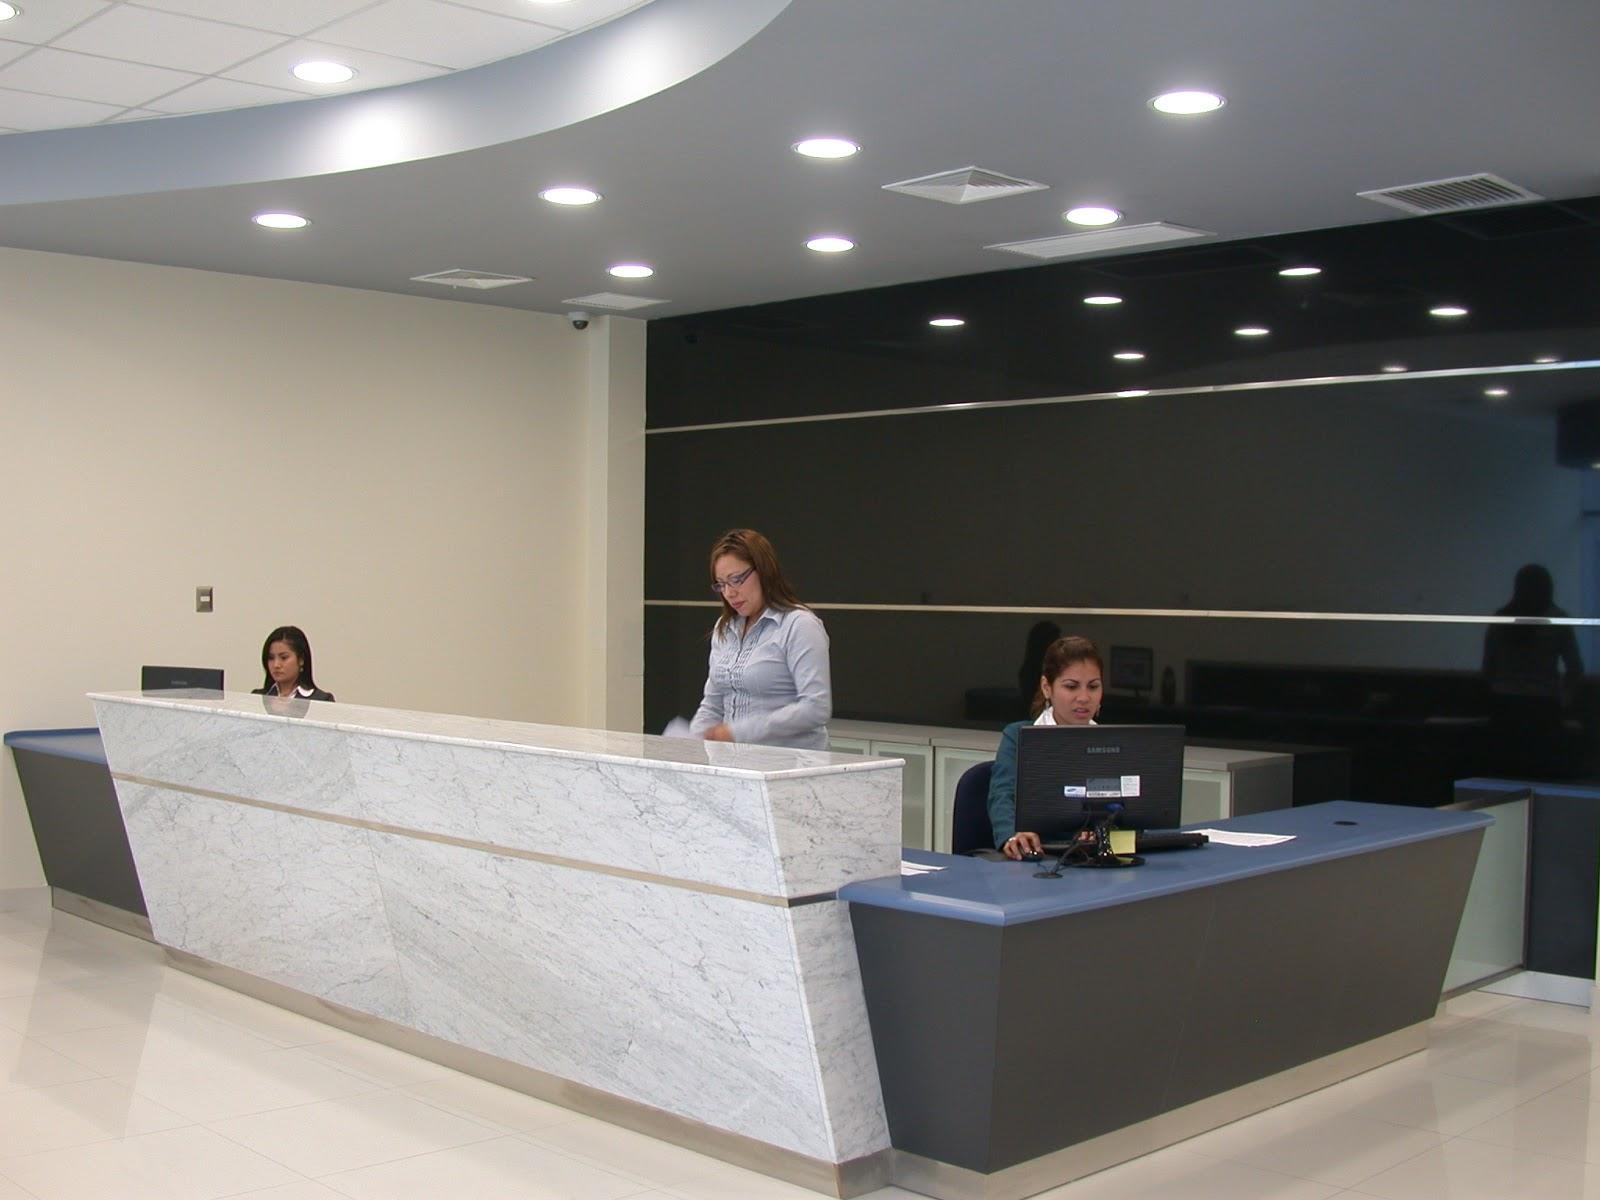 Oniria mobiliario corporativo recepciones for Diseno de oficinas administrativas